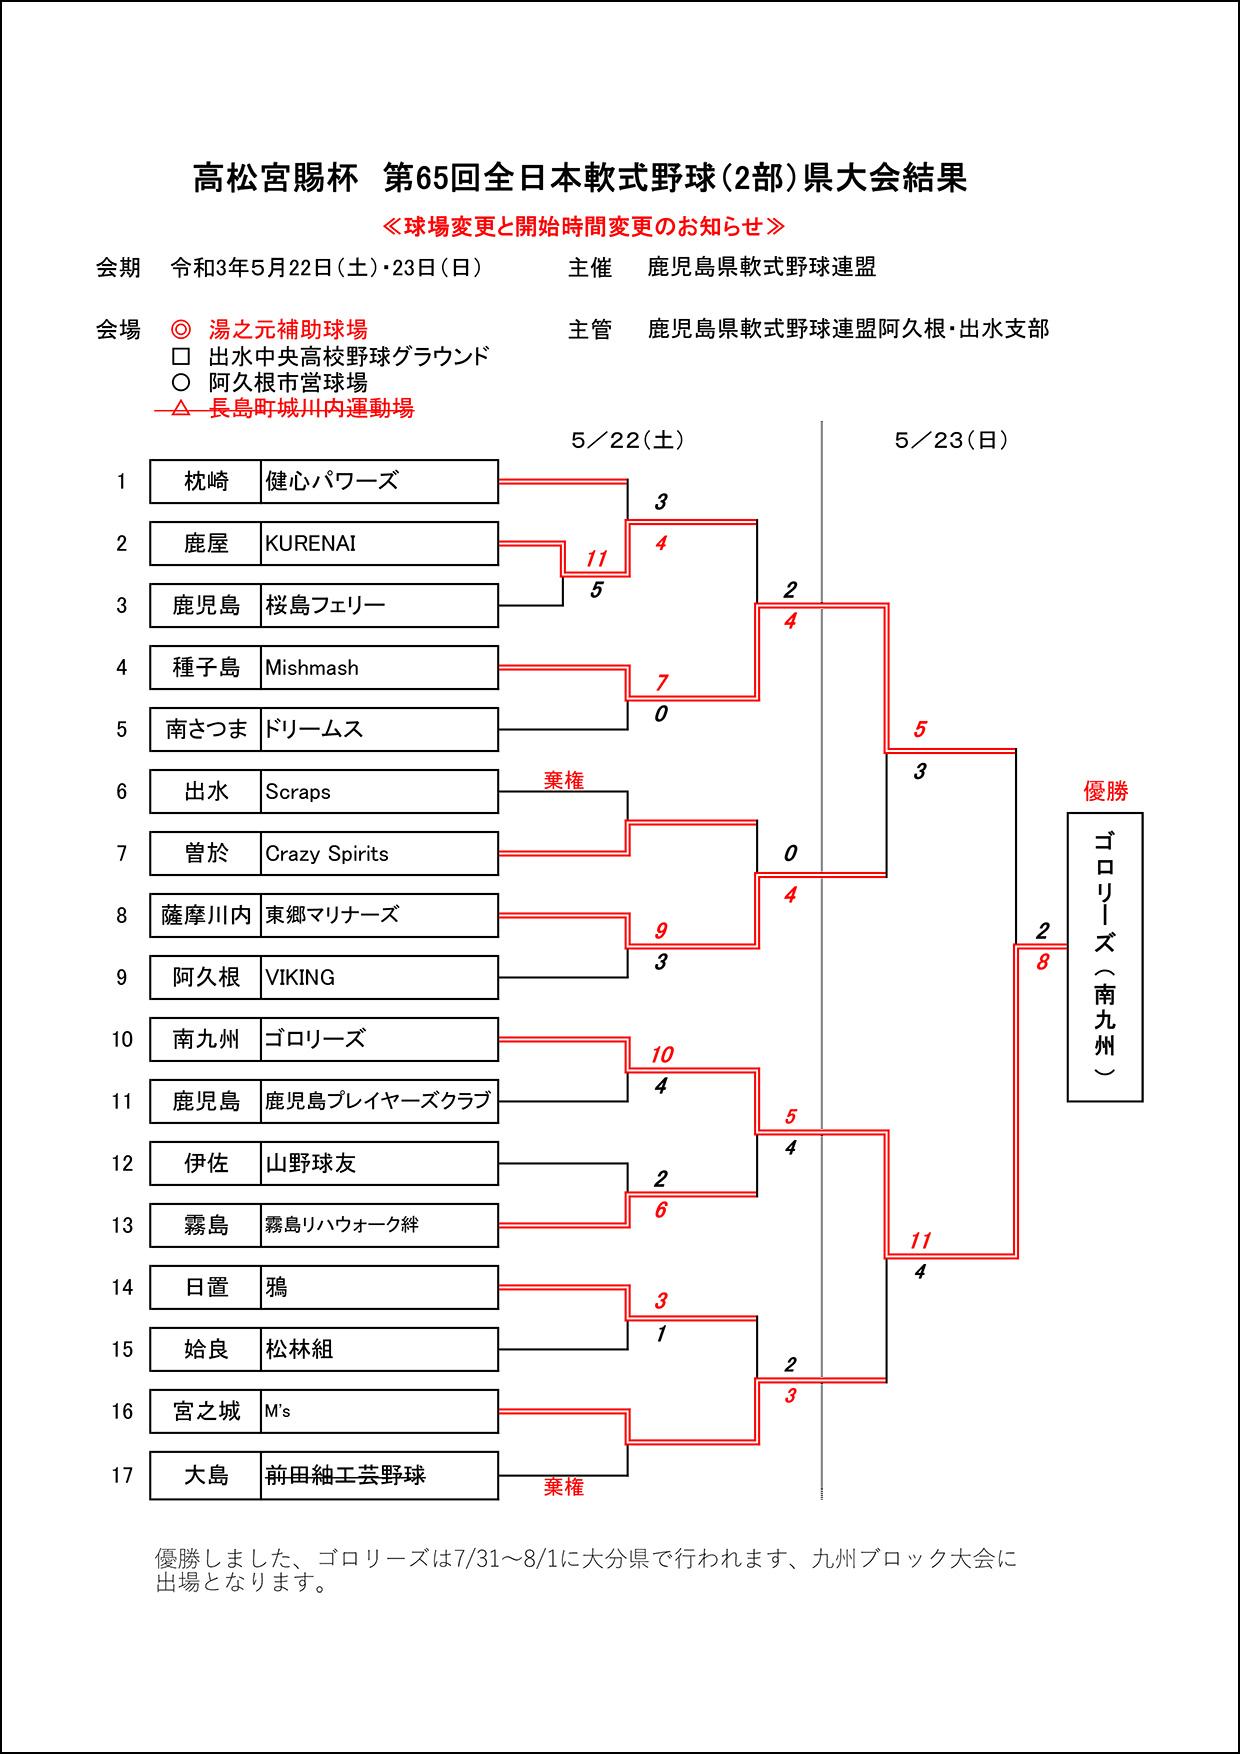 【結果】高松宮賜杯 第65回全日本軟式野球(2部)県大会